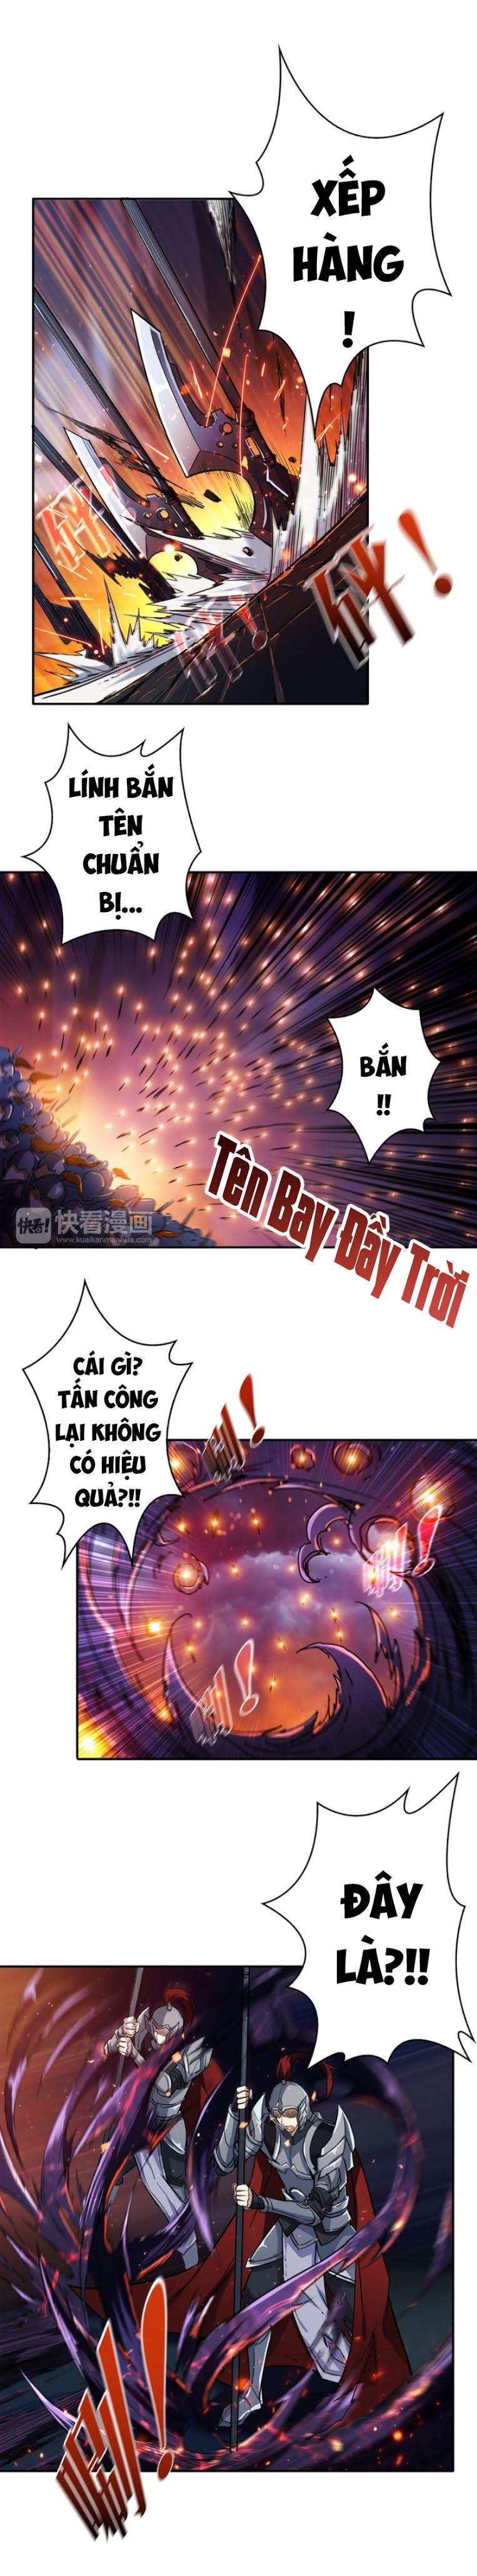 Phệ Thần Kỷ chap 0 - Trang 3